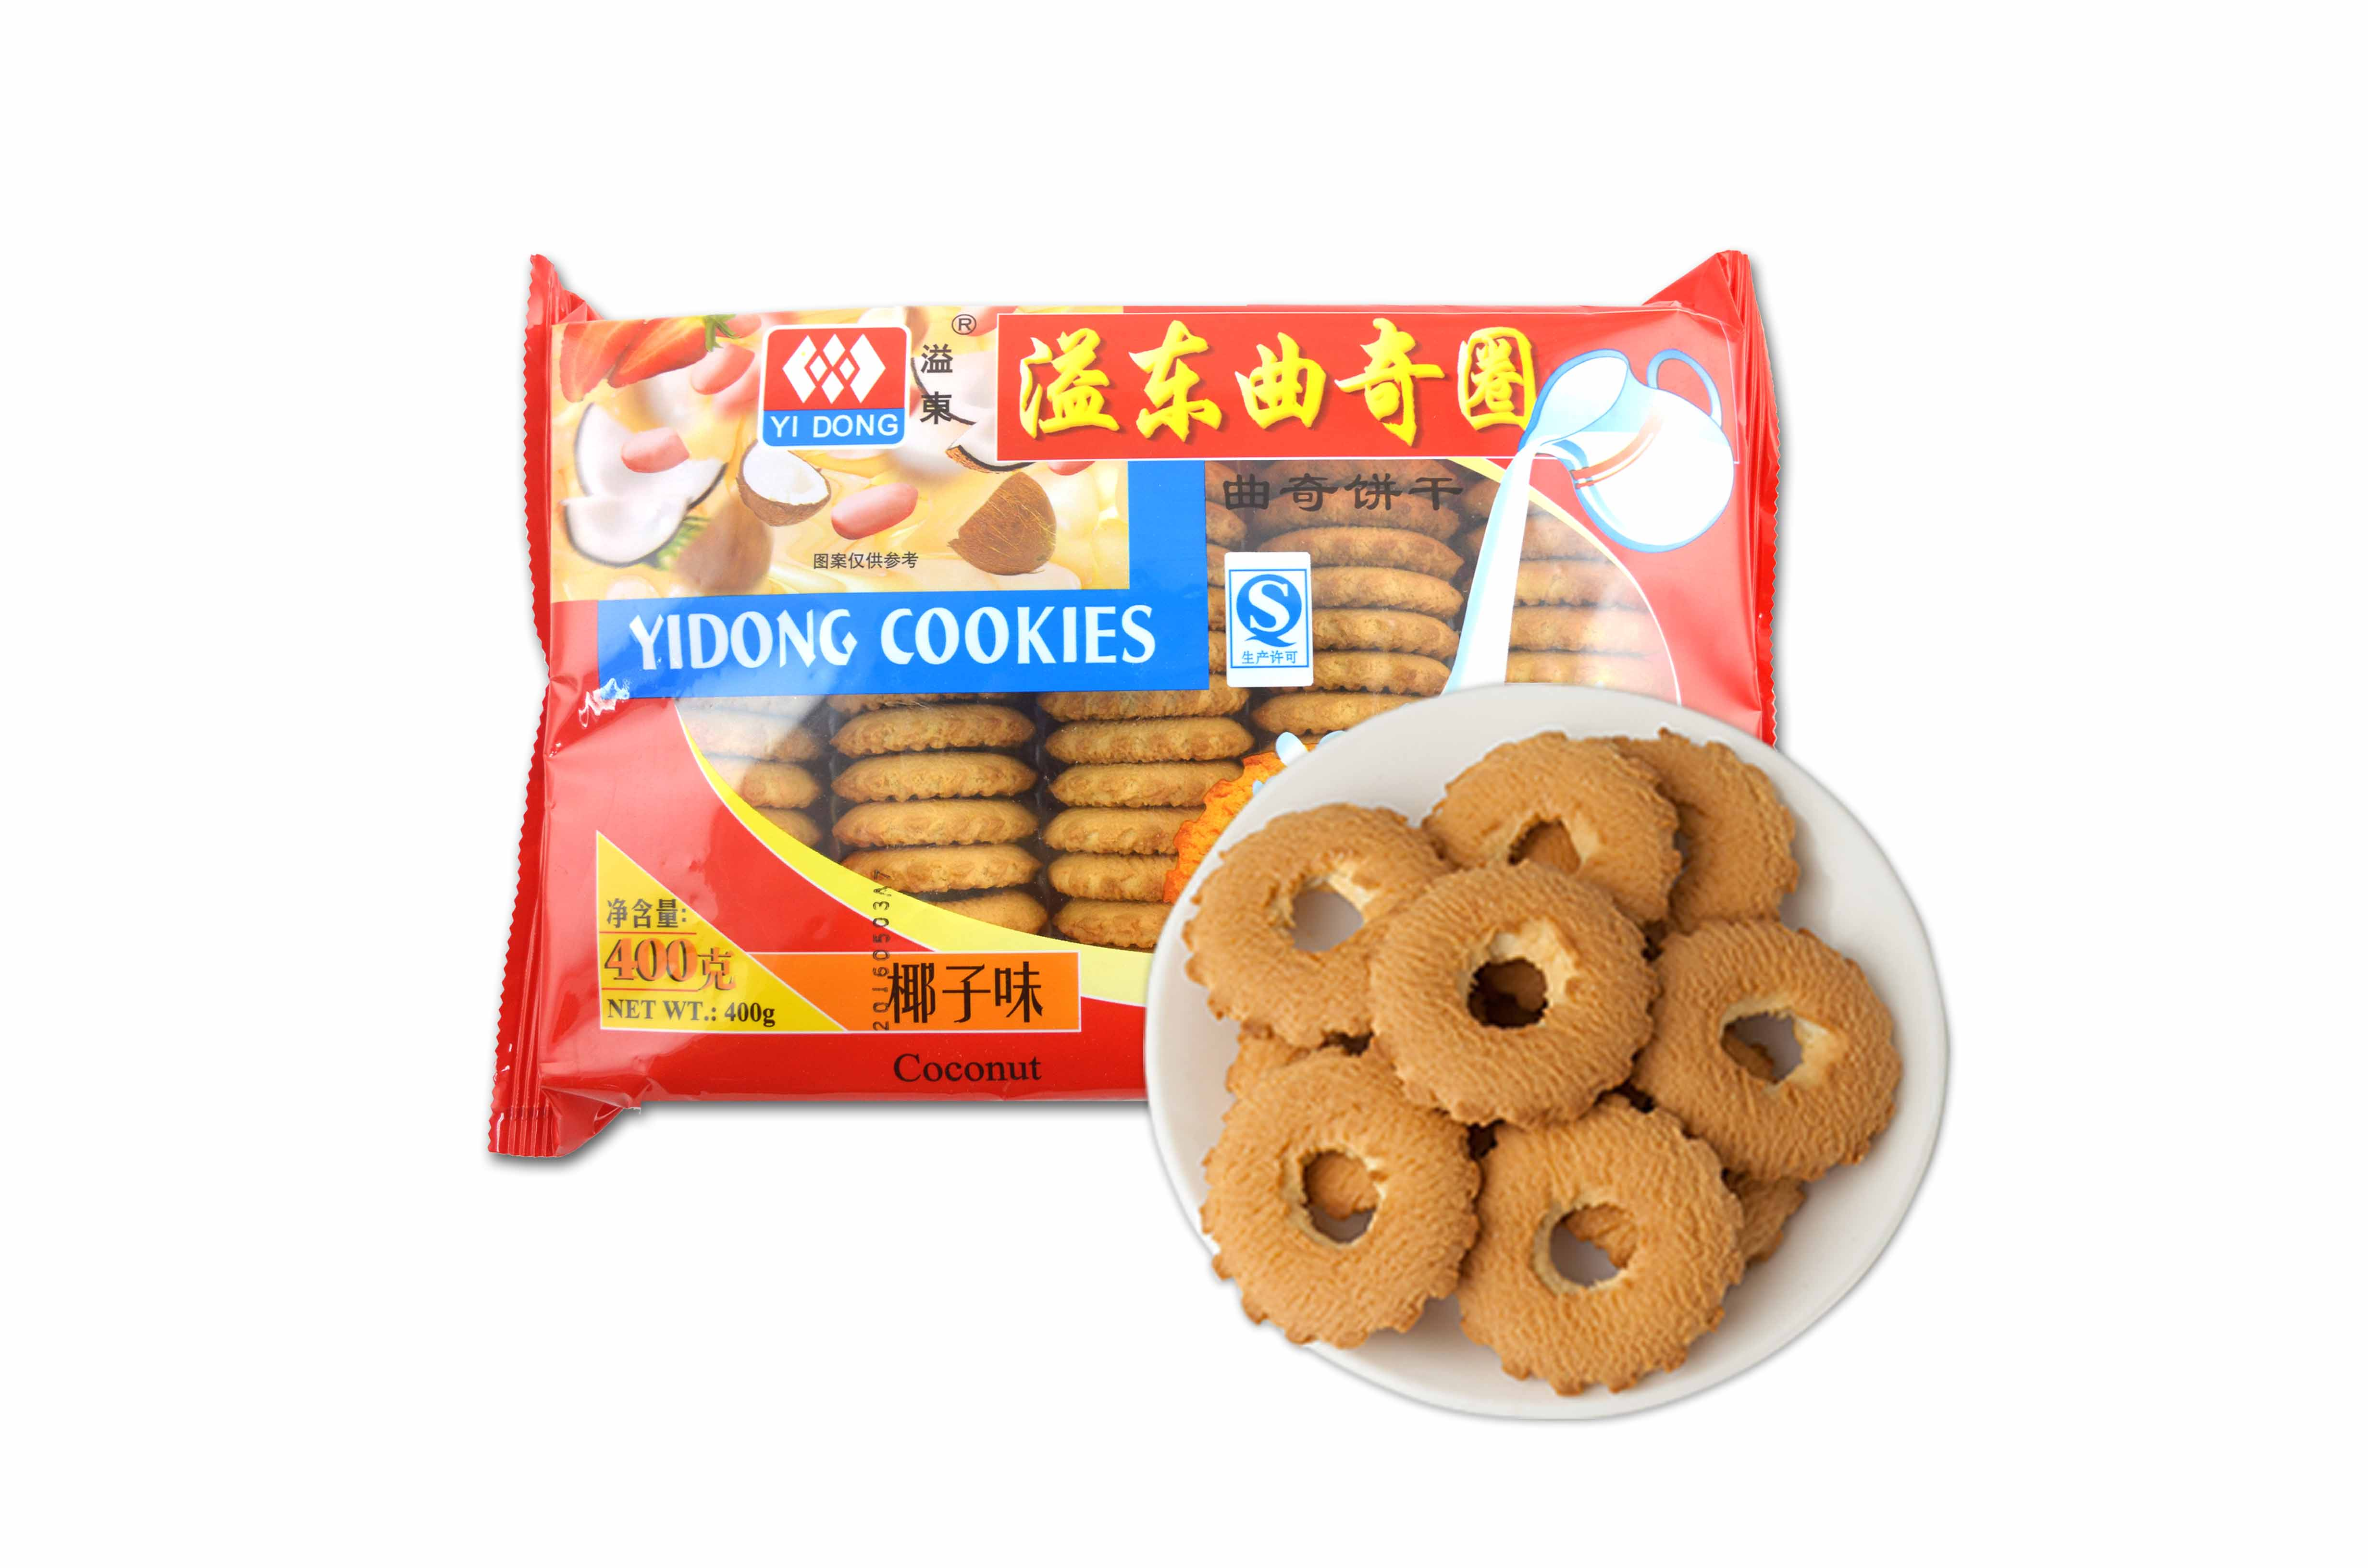 椰子味曲奇饼干(400g)